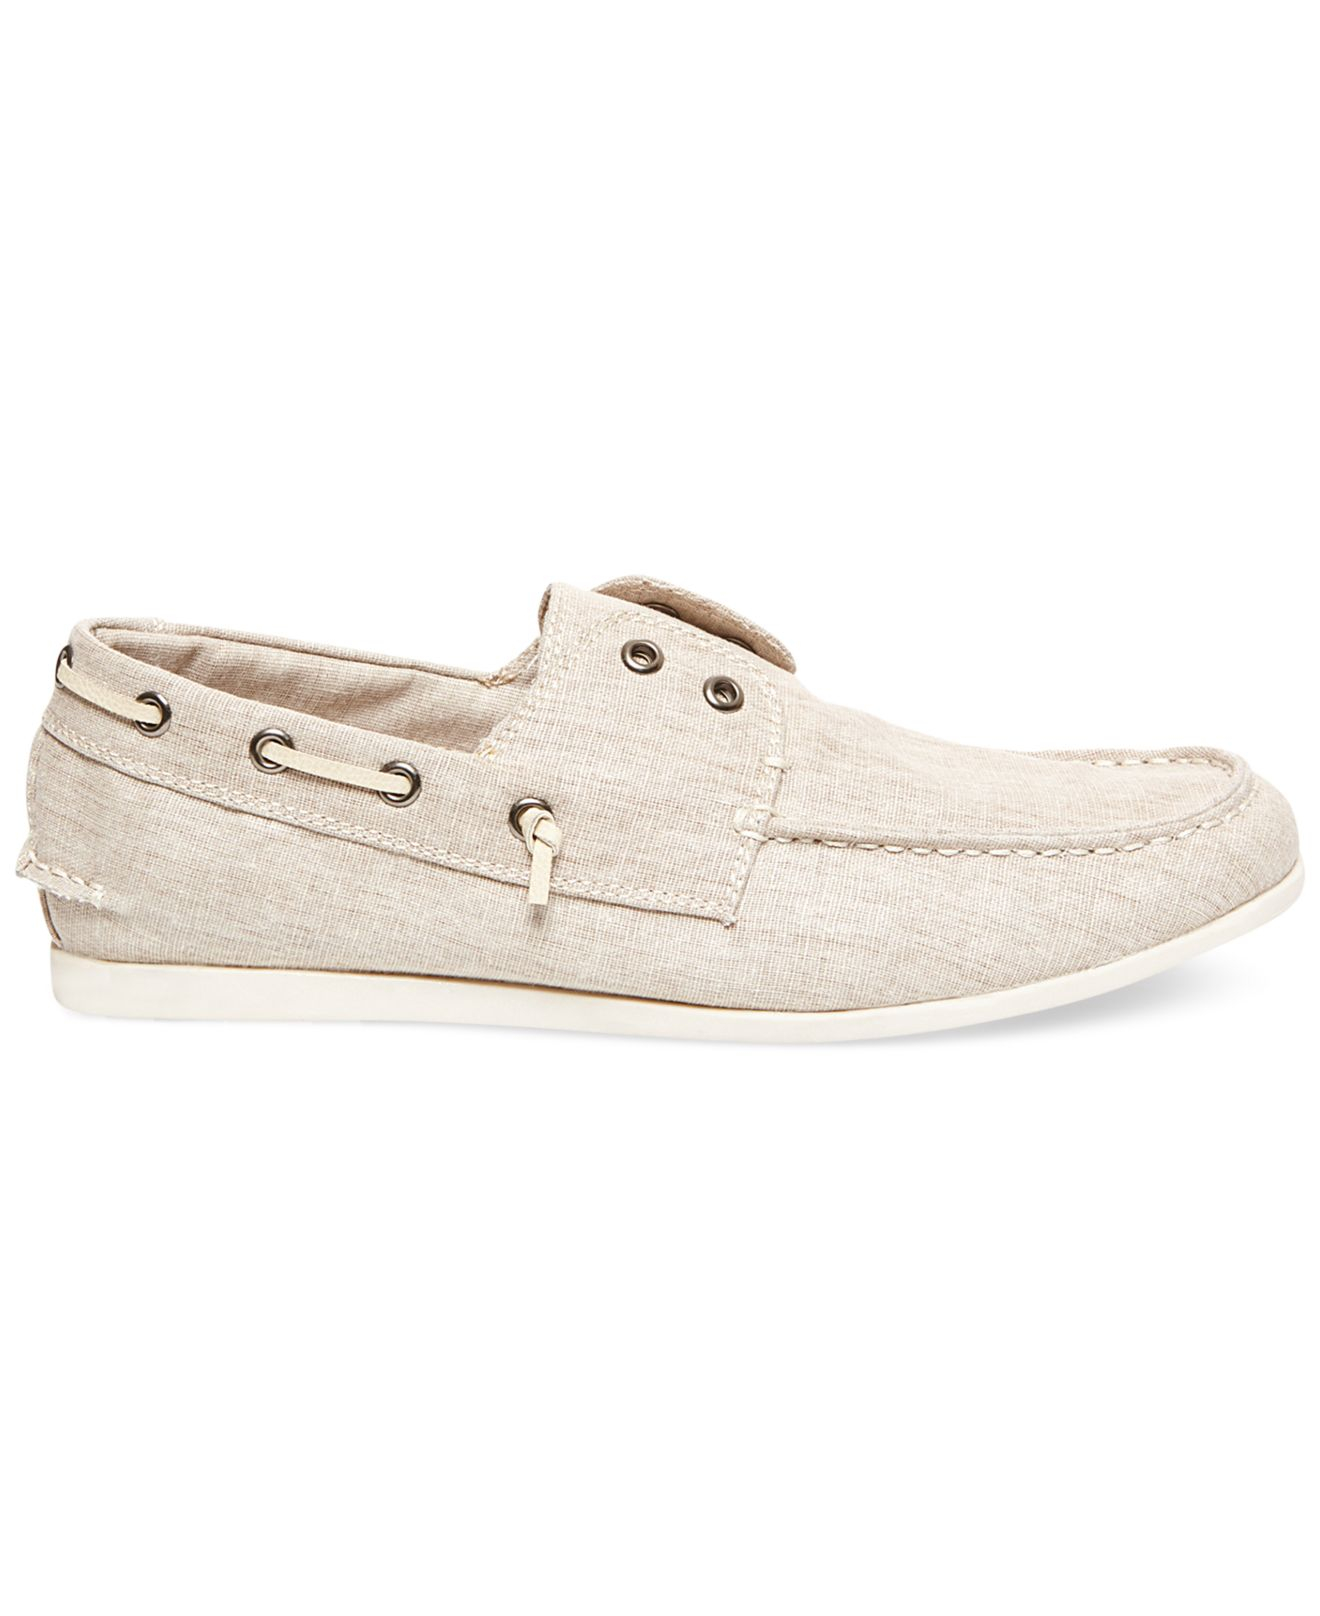 7d457dcaf1b Lyst - Steve Madden Madden Glide Laceless Boat Shoes in Natural for Men